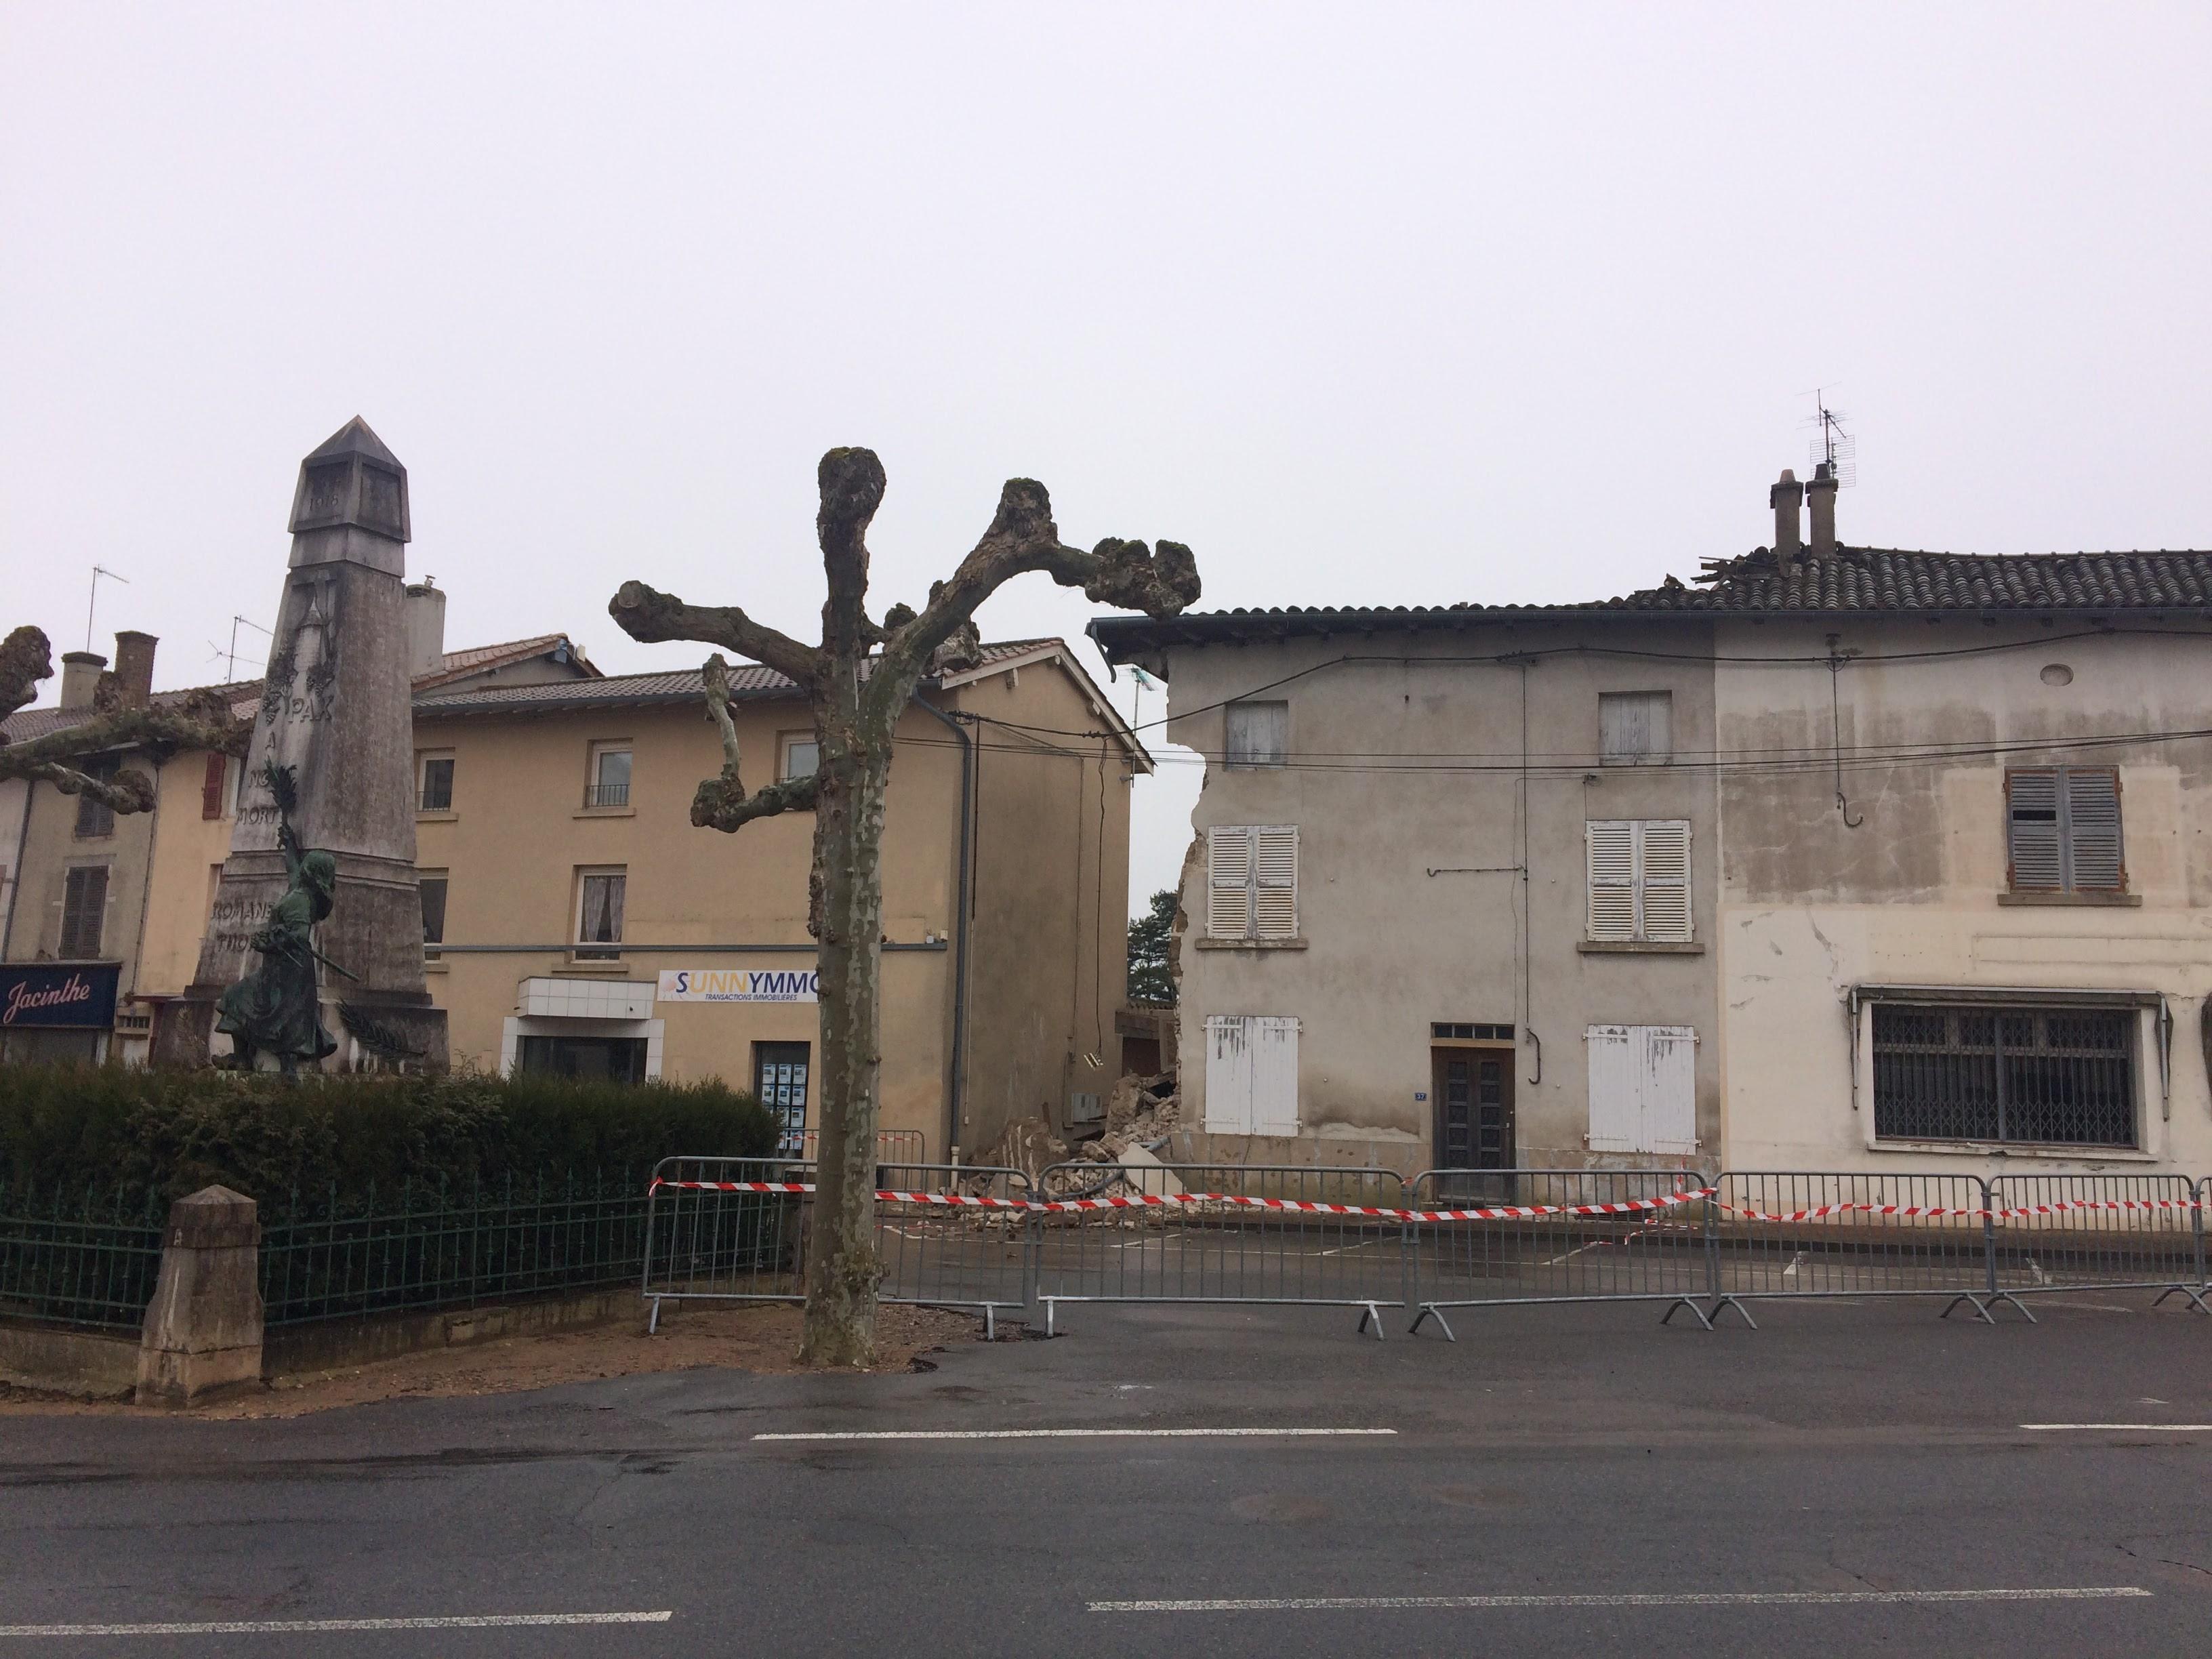 Effondrement d une maison sur la place de roman che - La maison de la place saignon ...